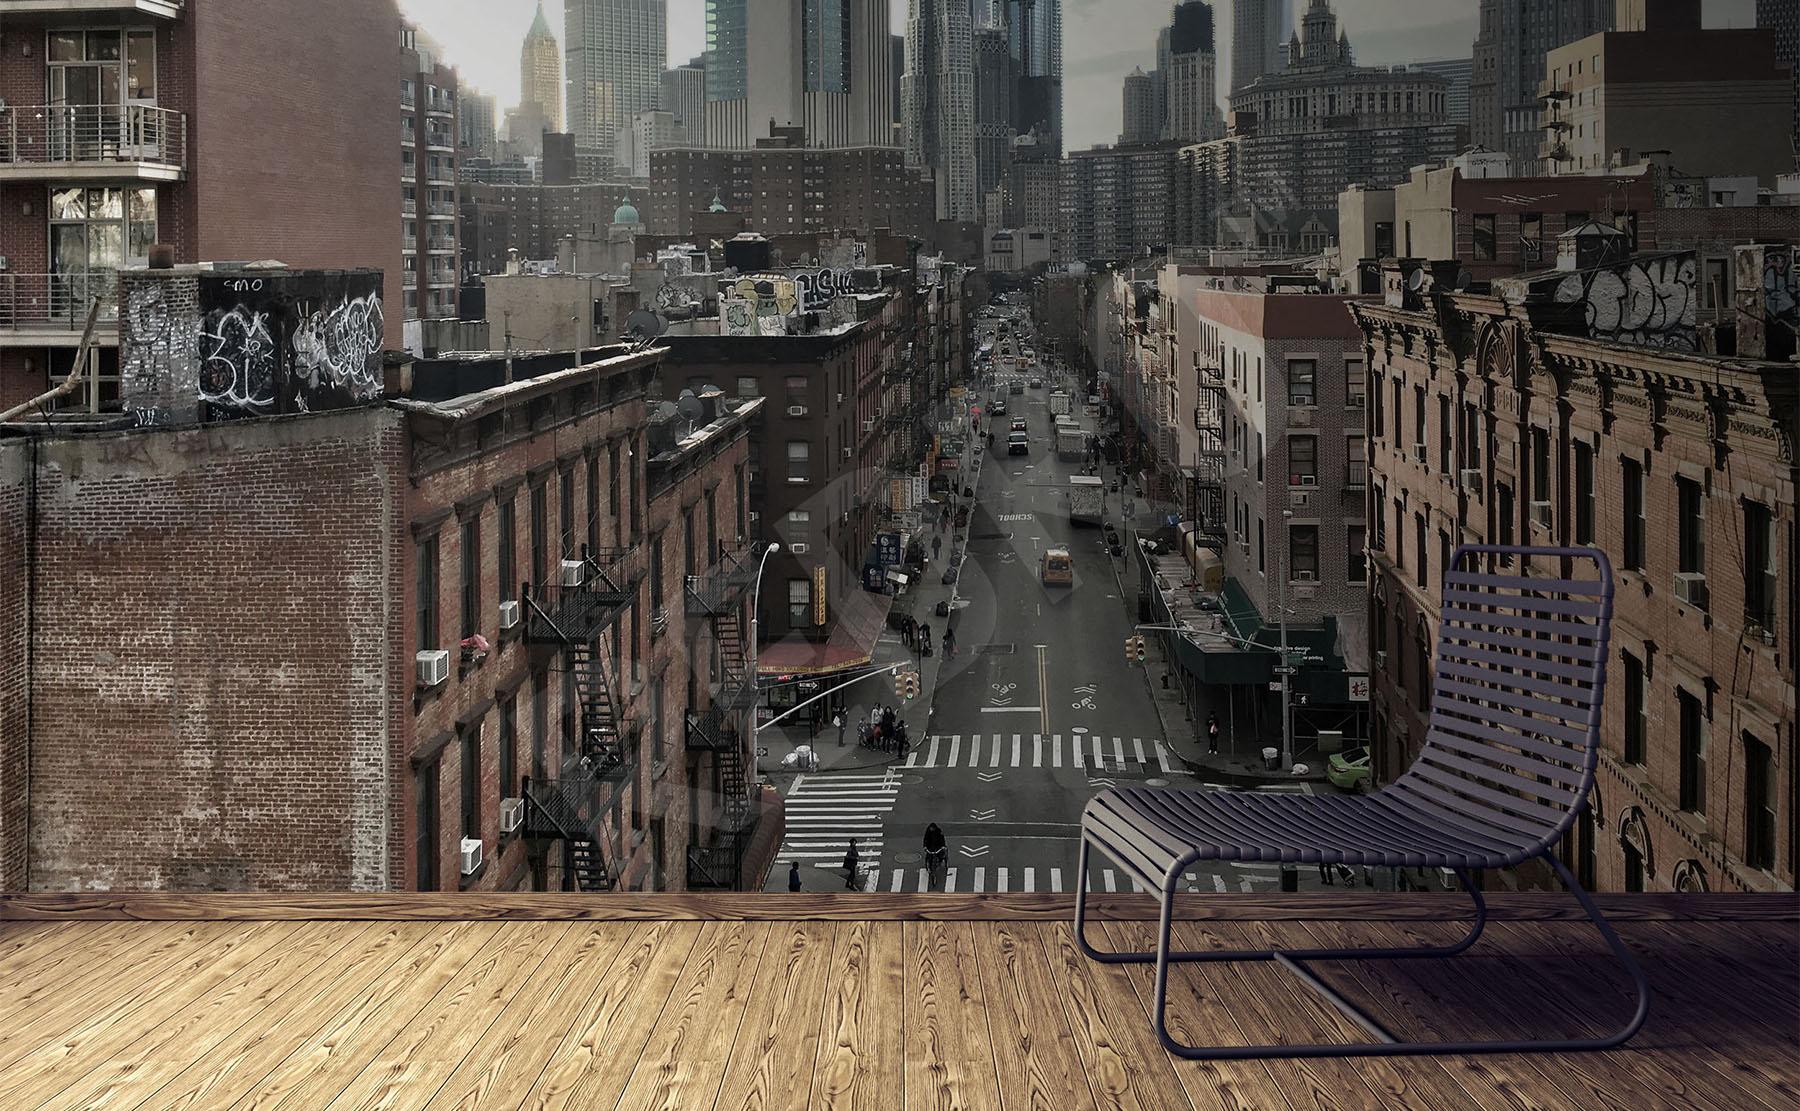 74d9dffa Fototapety 3d Nowy Jork - fototapety, naklejki, obrazy, plakaty ...